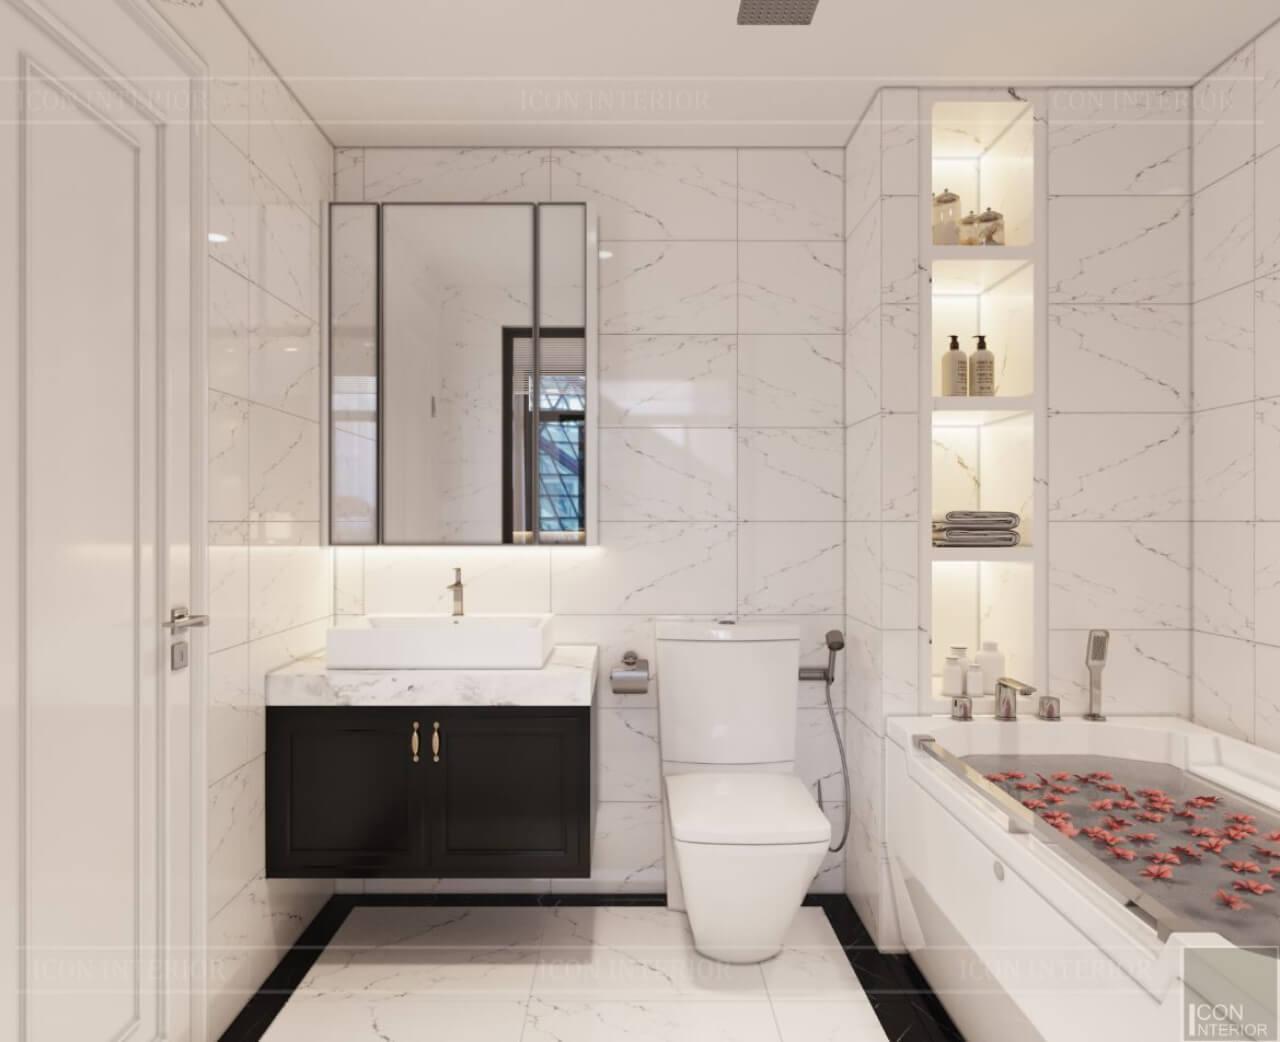 sắp xếp phòng tắm nhỏ